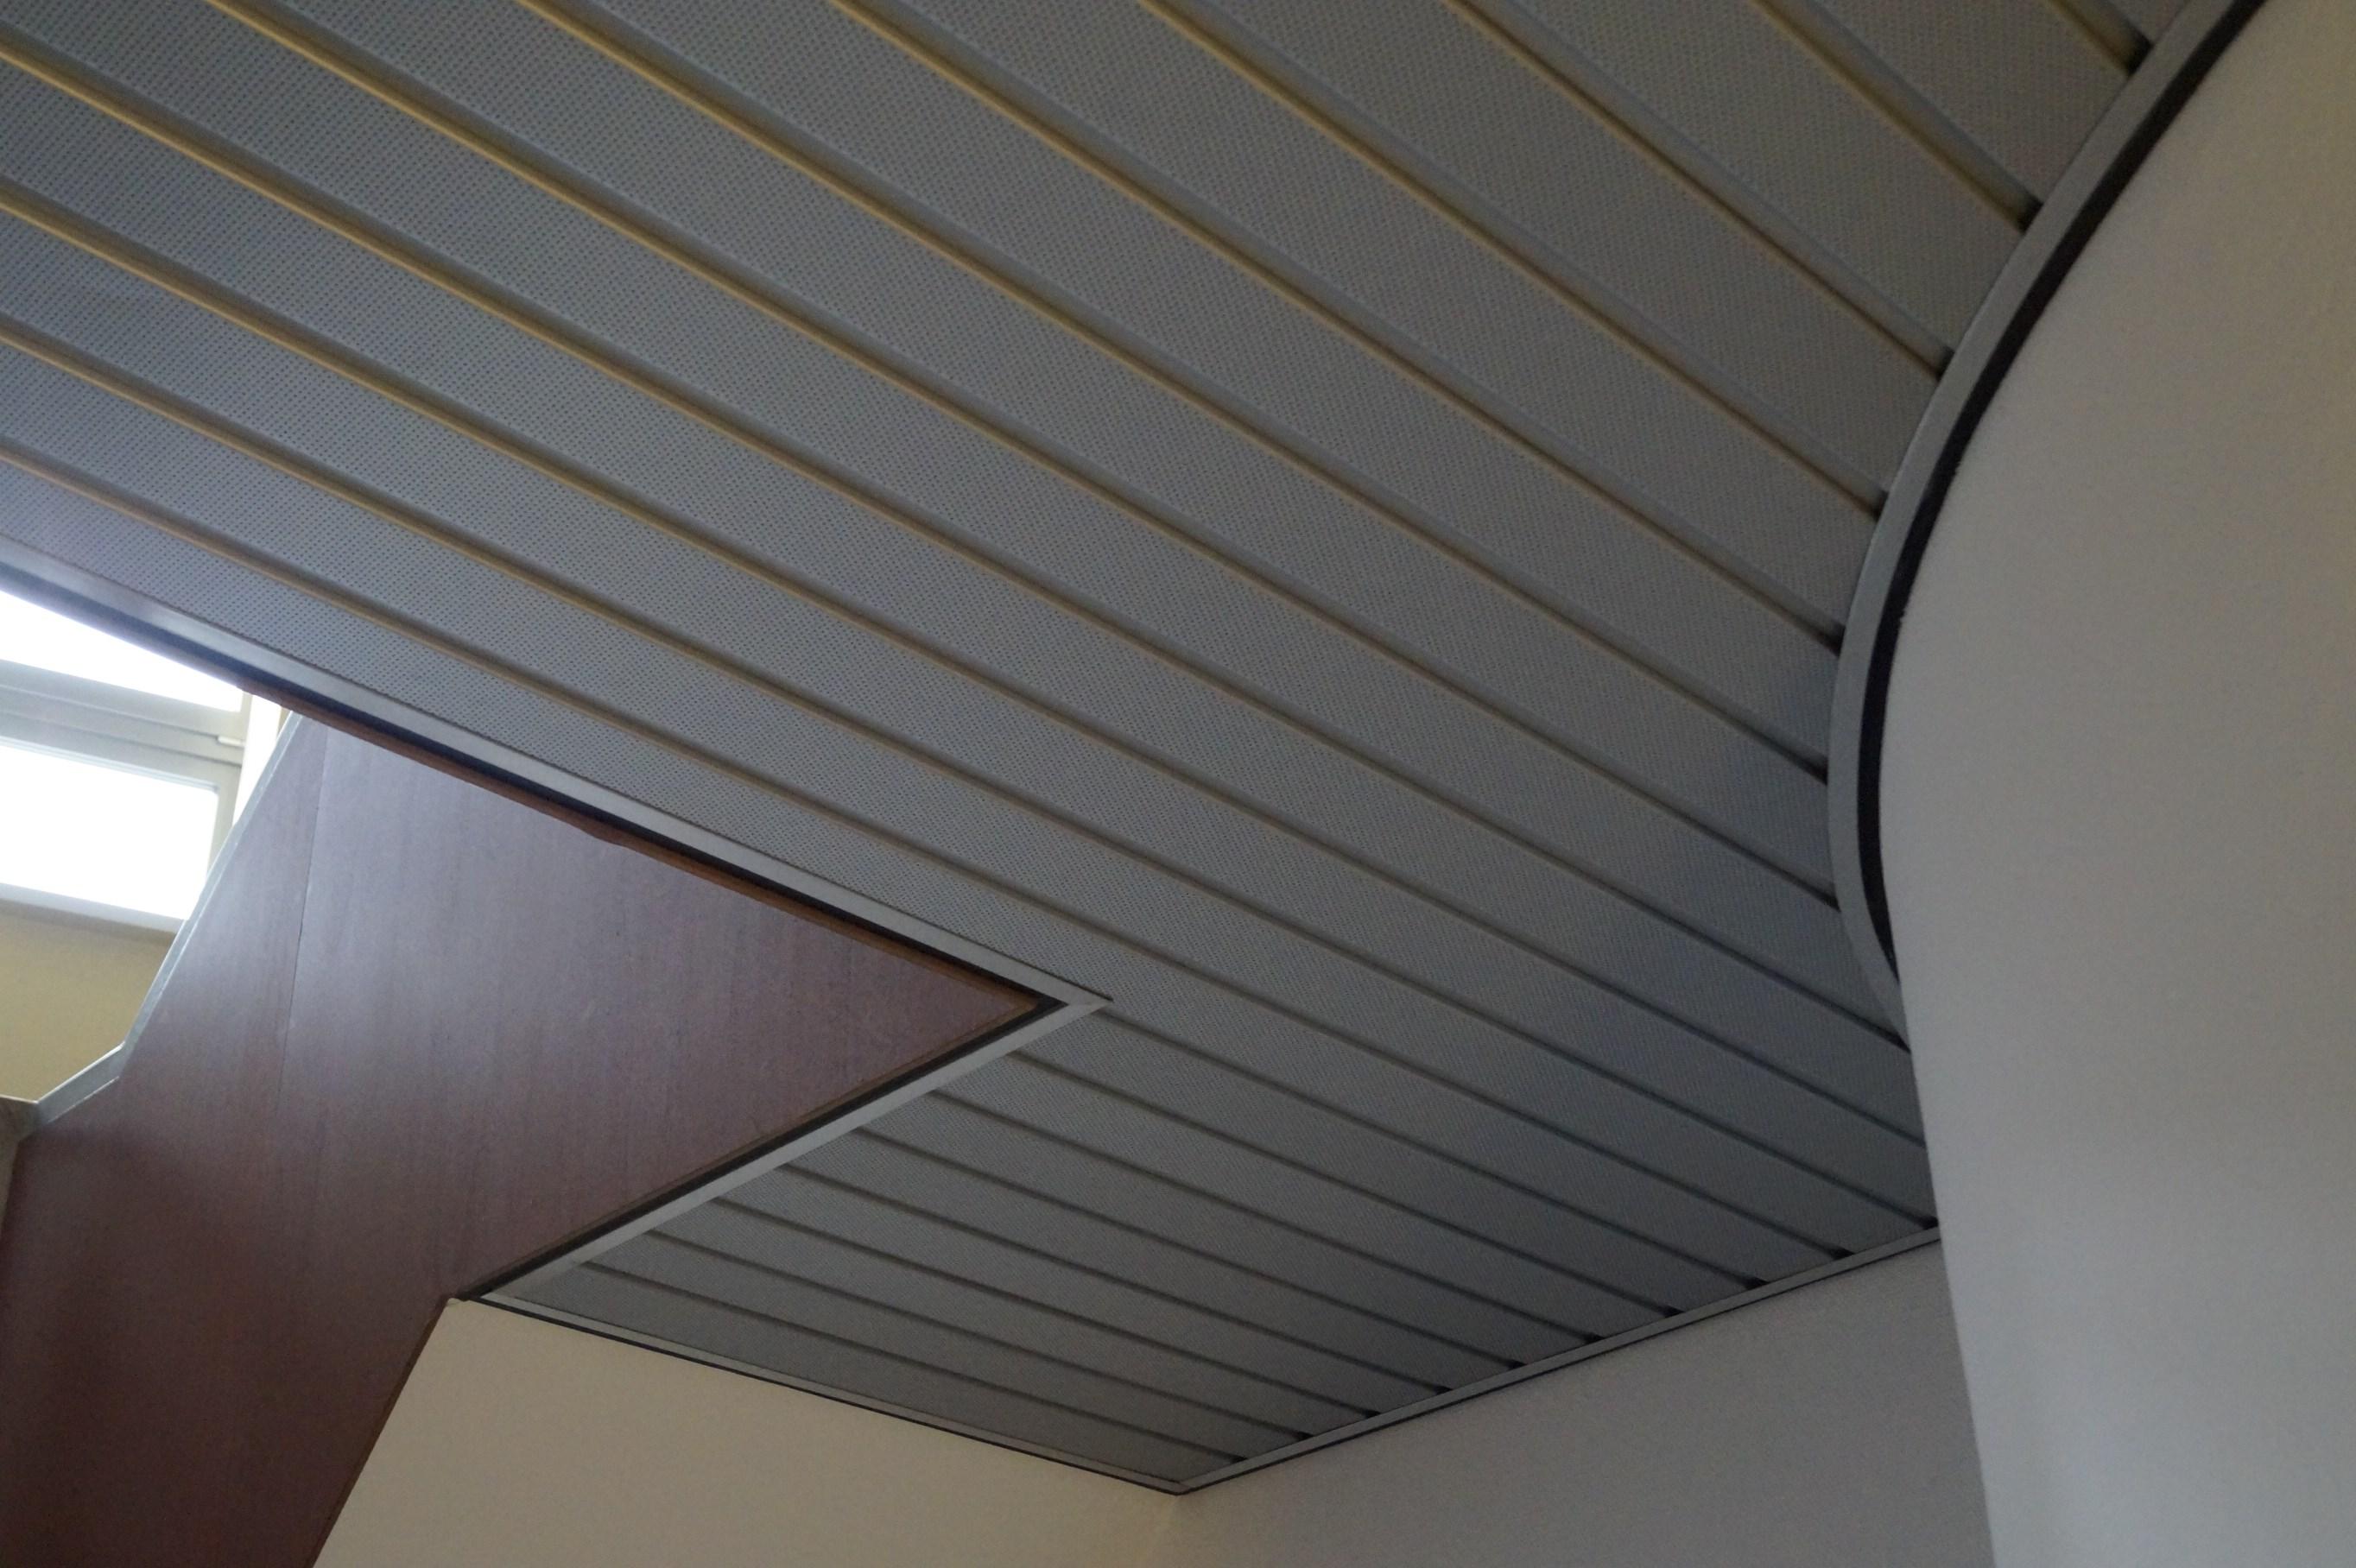 Lamellenplafonds – Mdf lakken hoogglans